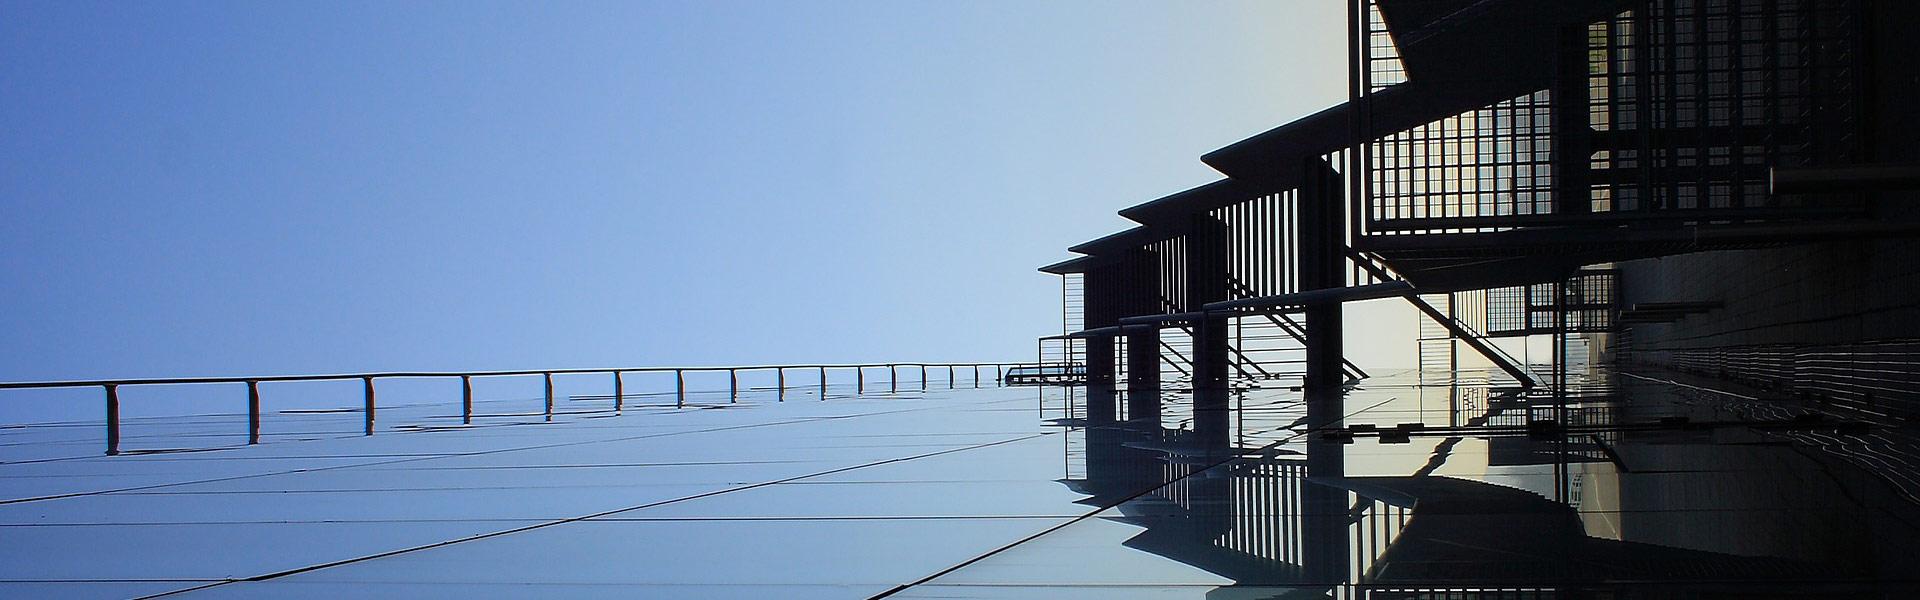 Architektur Andreas Danler